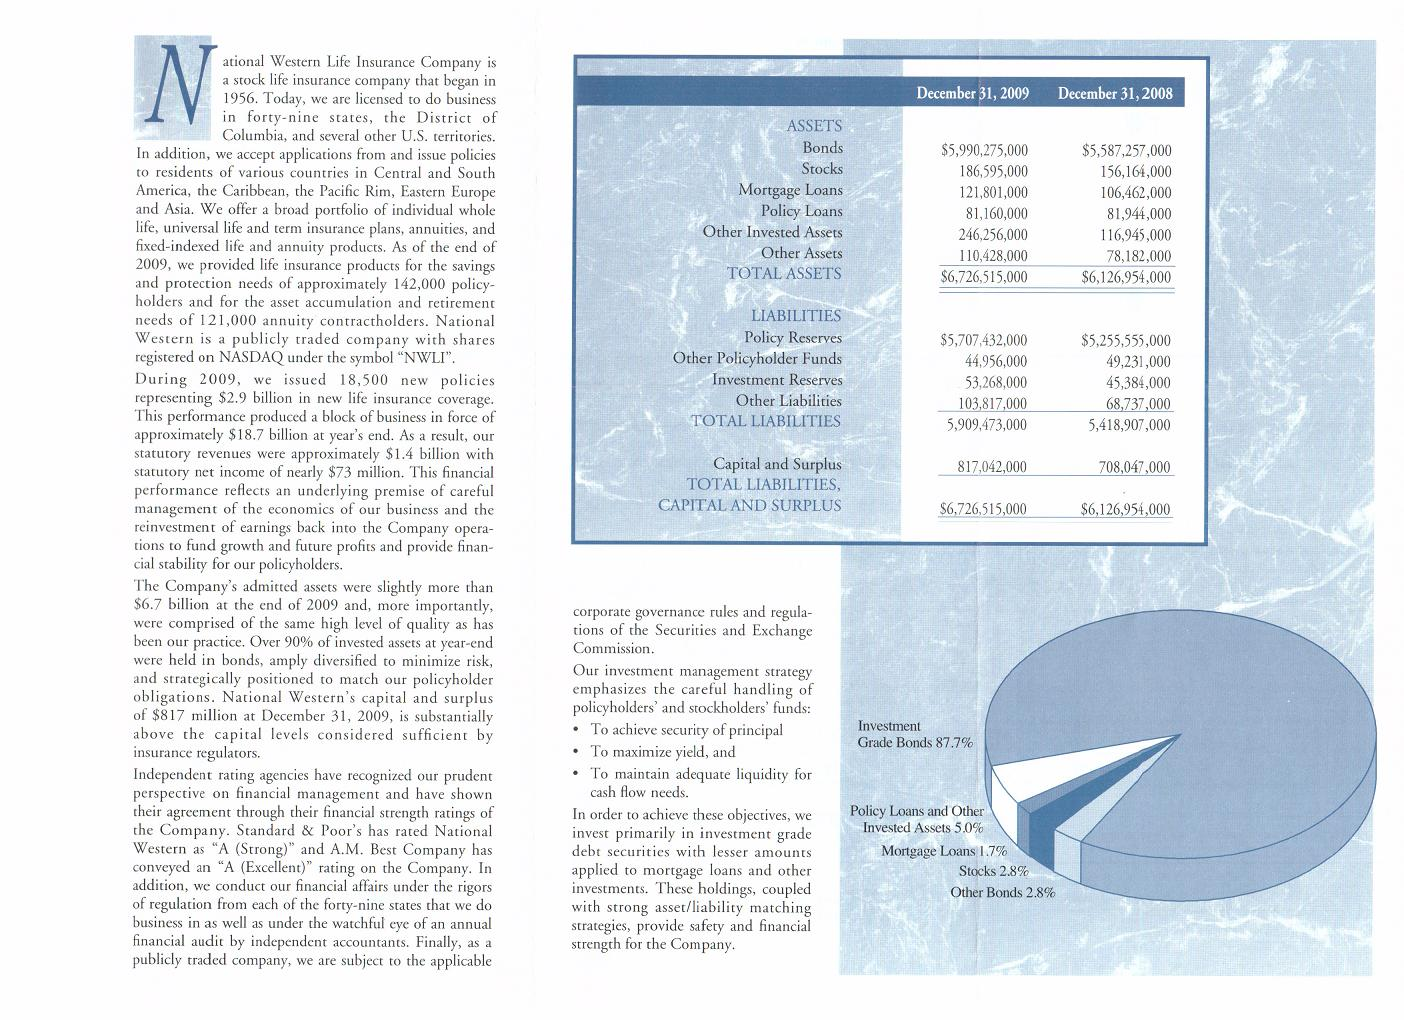 Отчет NWL для полисодержателей на 31 декабря 2009 года.